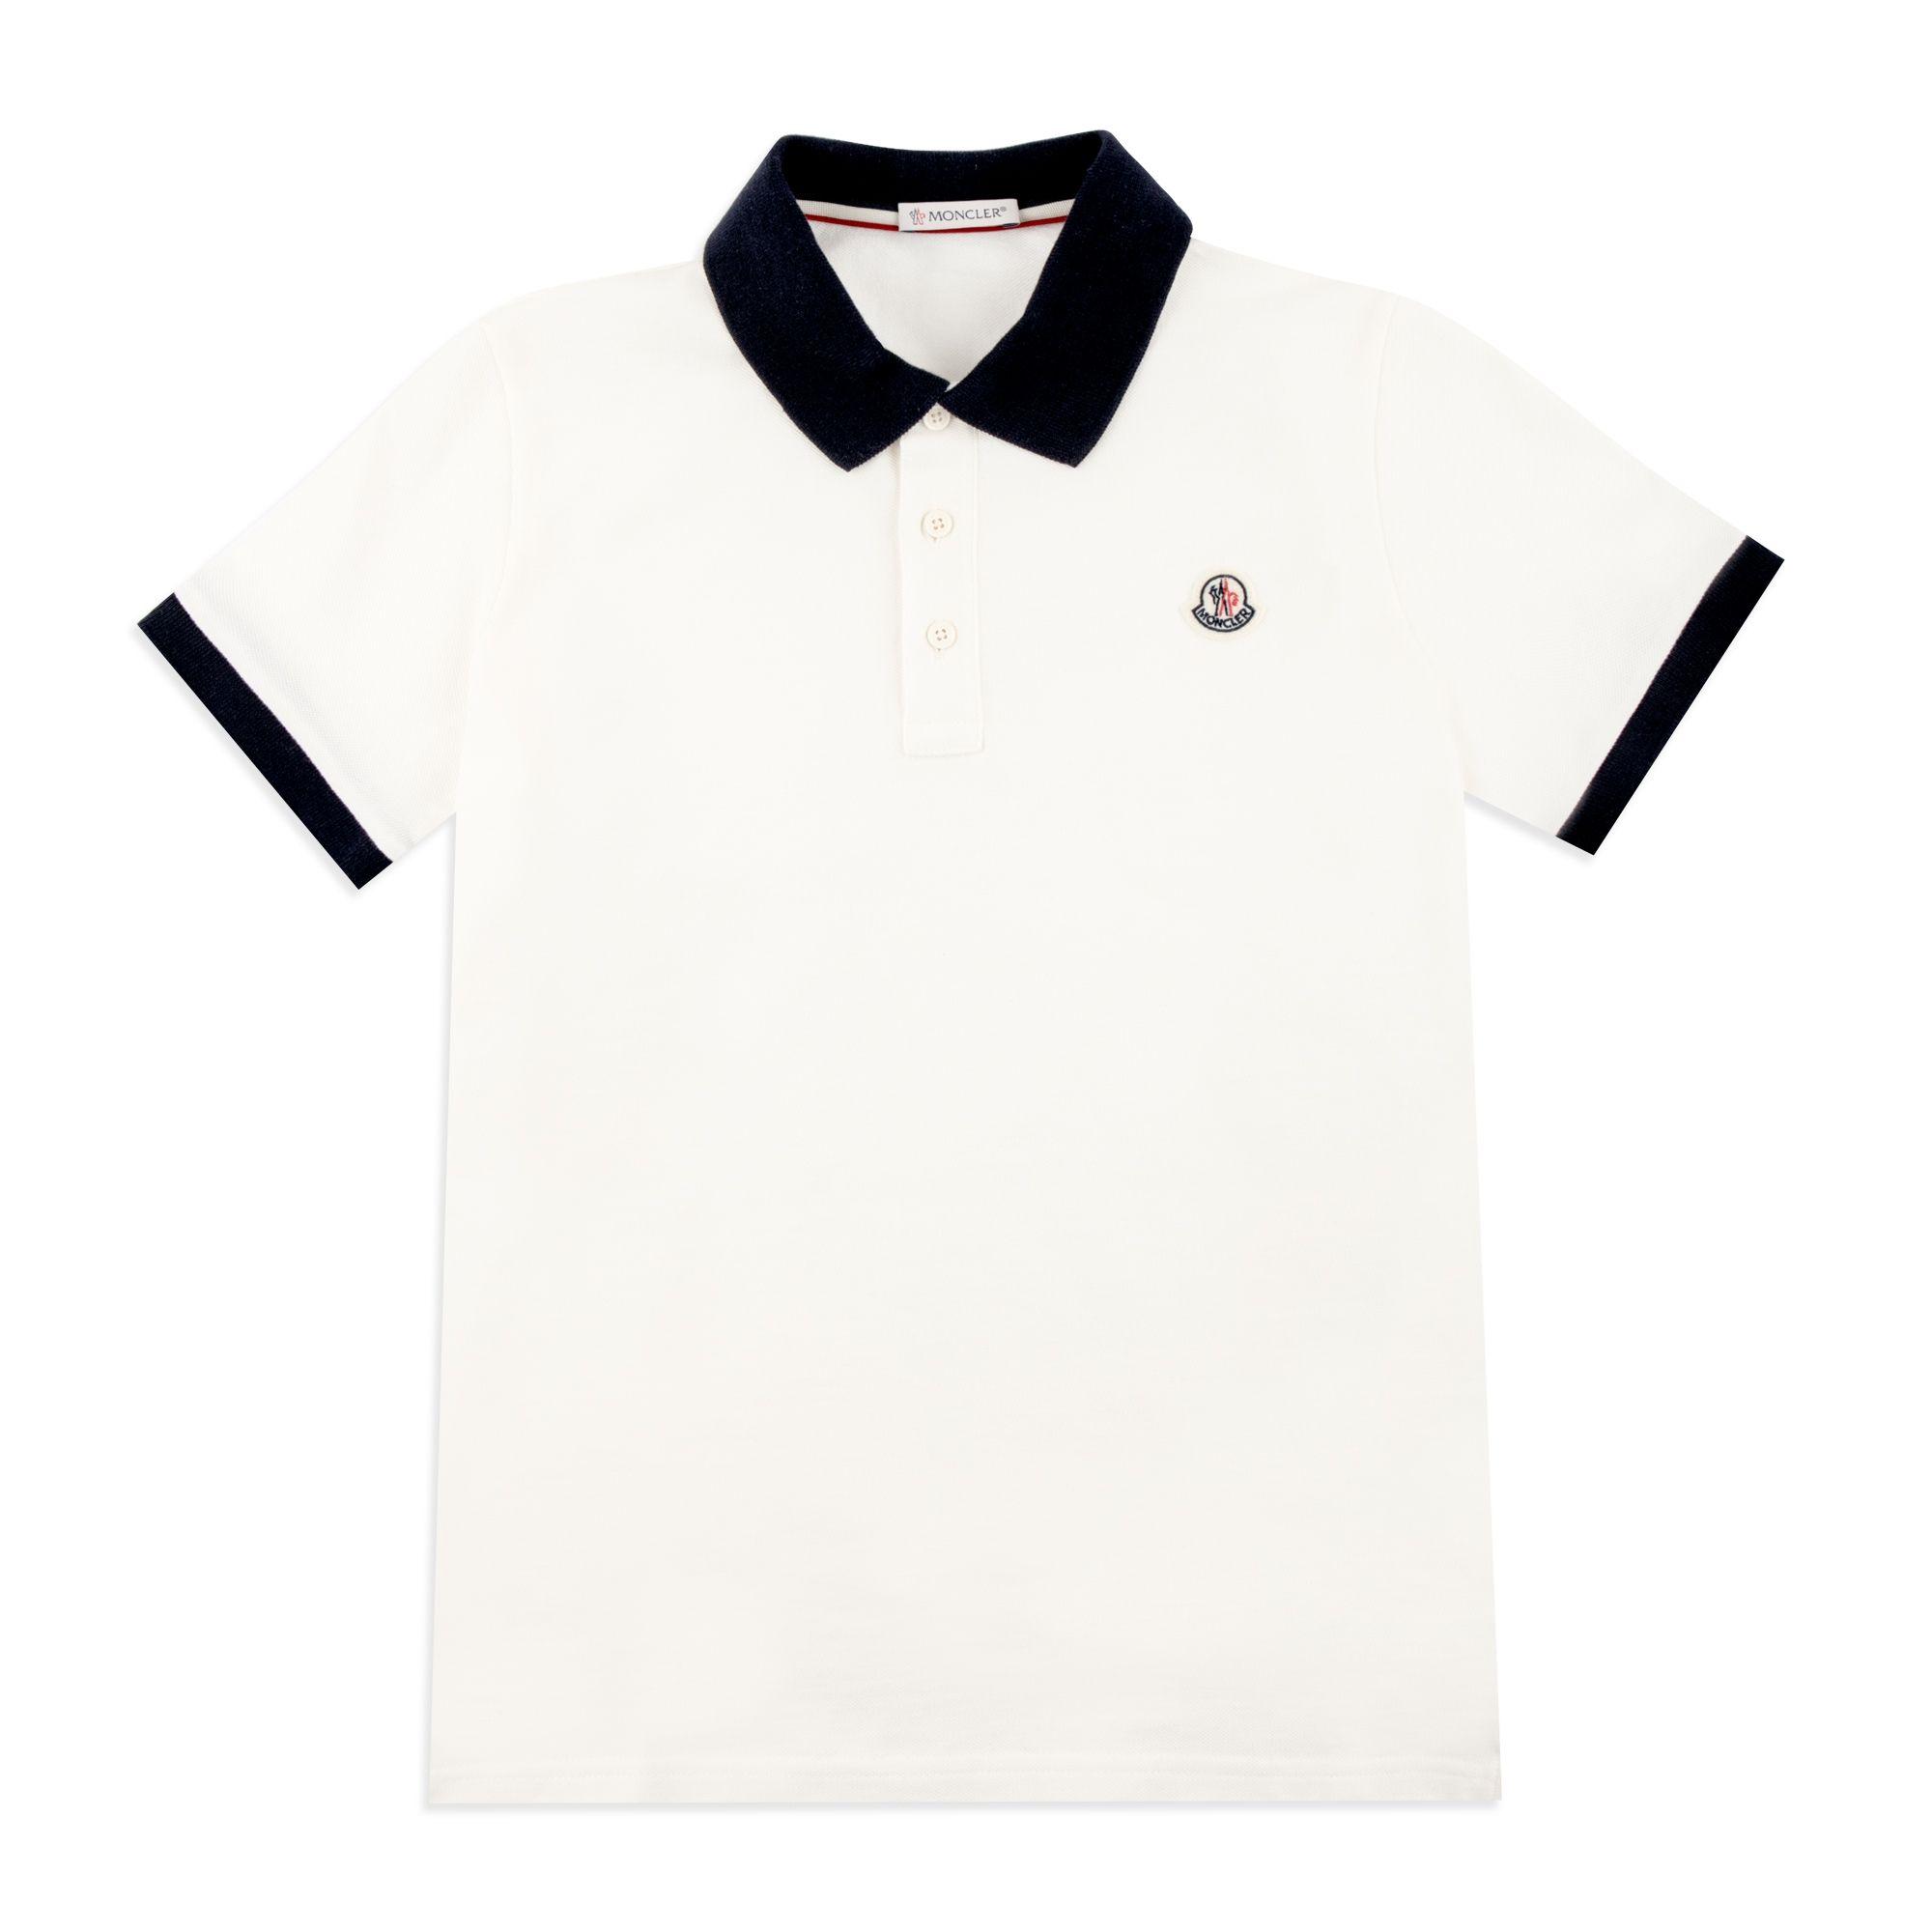 aed70e837 Boys Contrast Collar Polo - White by Moncler | Boys Polos | base ...